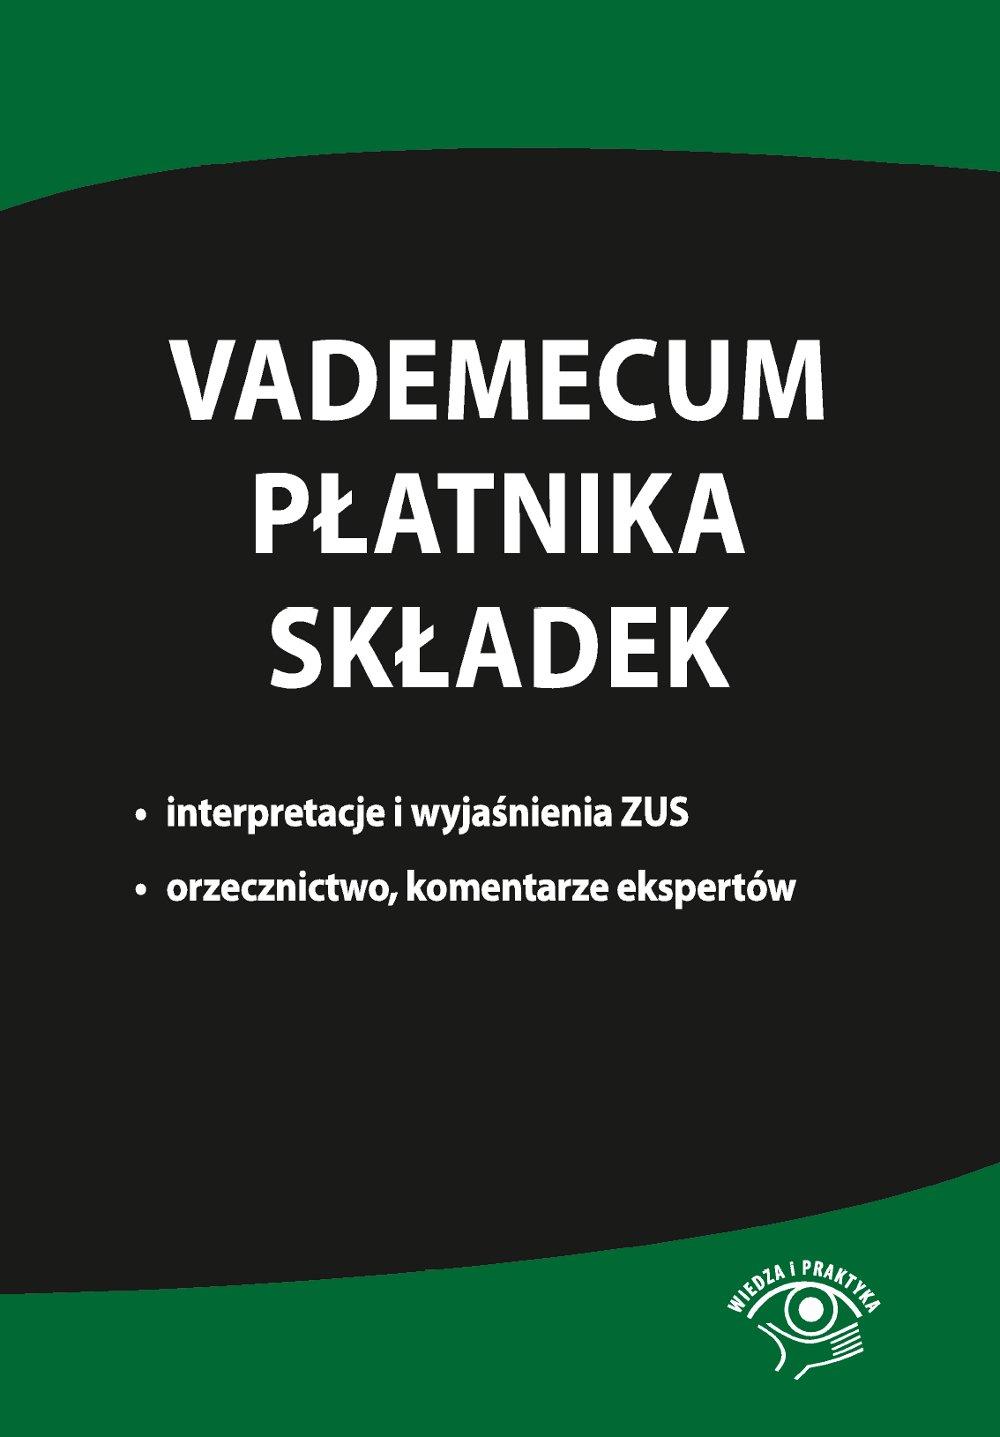 Vademecum płatnika składek. Interpretacje i wyjaśnienia ZUS, orzecznictwo, komentarze ekspertów - Ebook (Książka PDF) do pobrania w formacie PDF